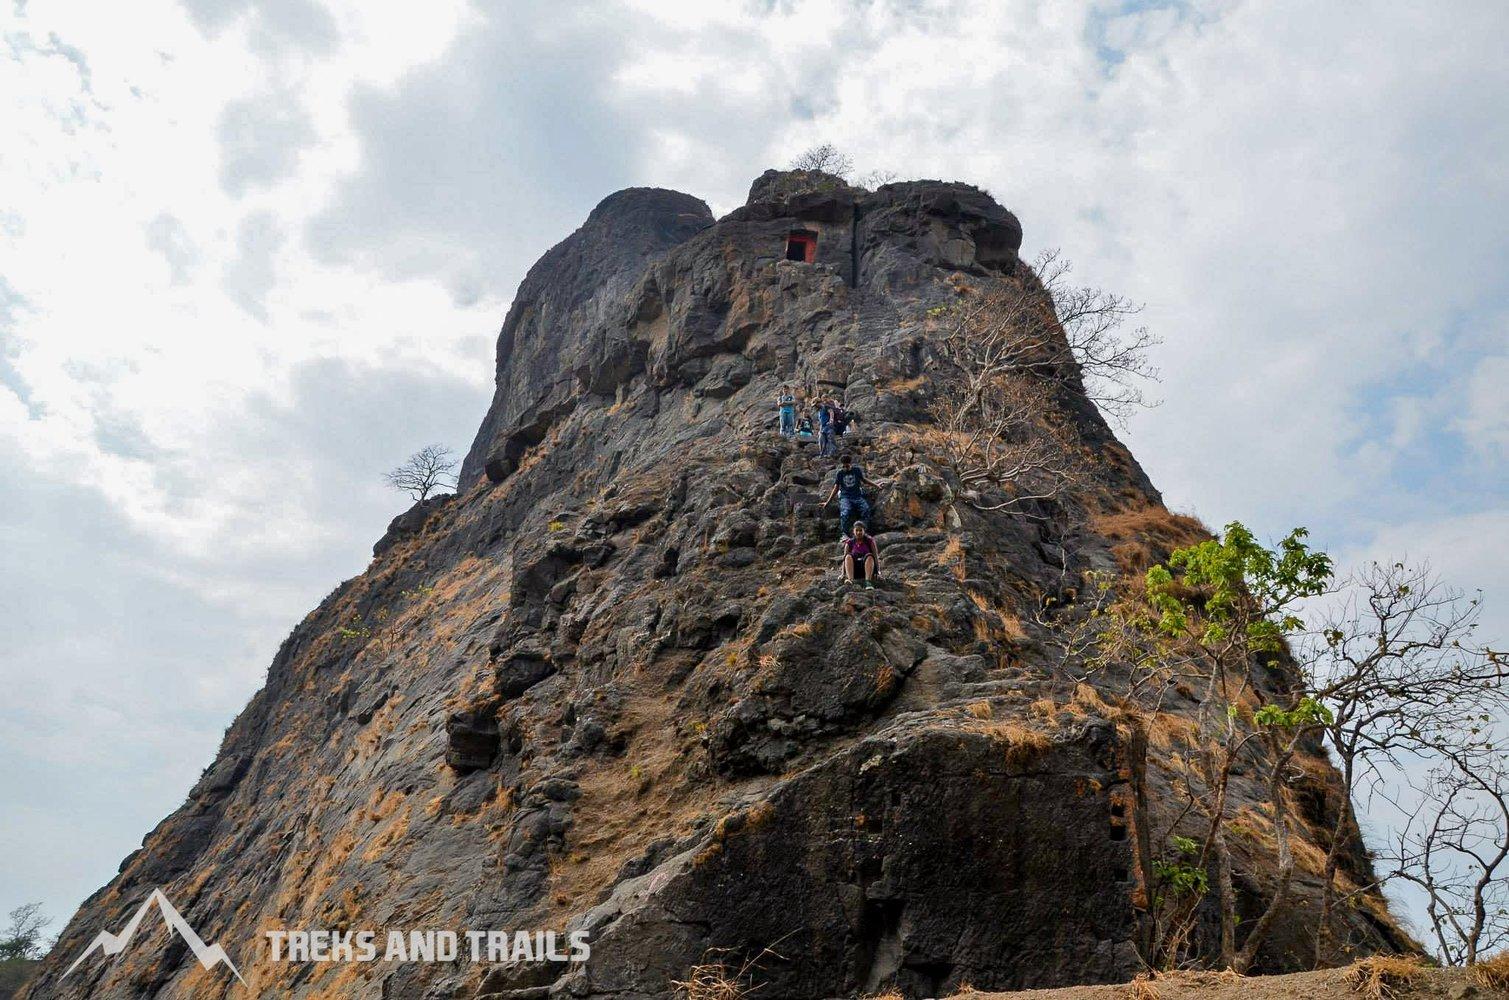 Gorakhgad Fort Trek